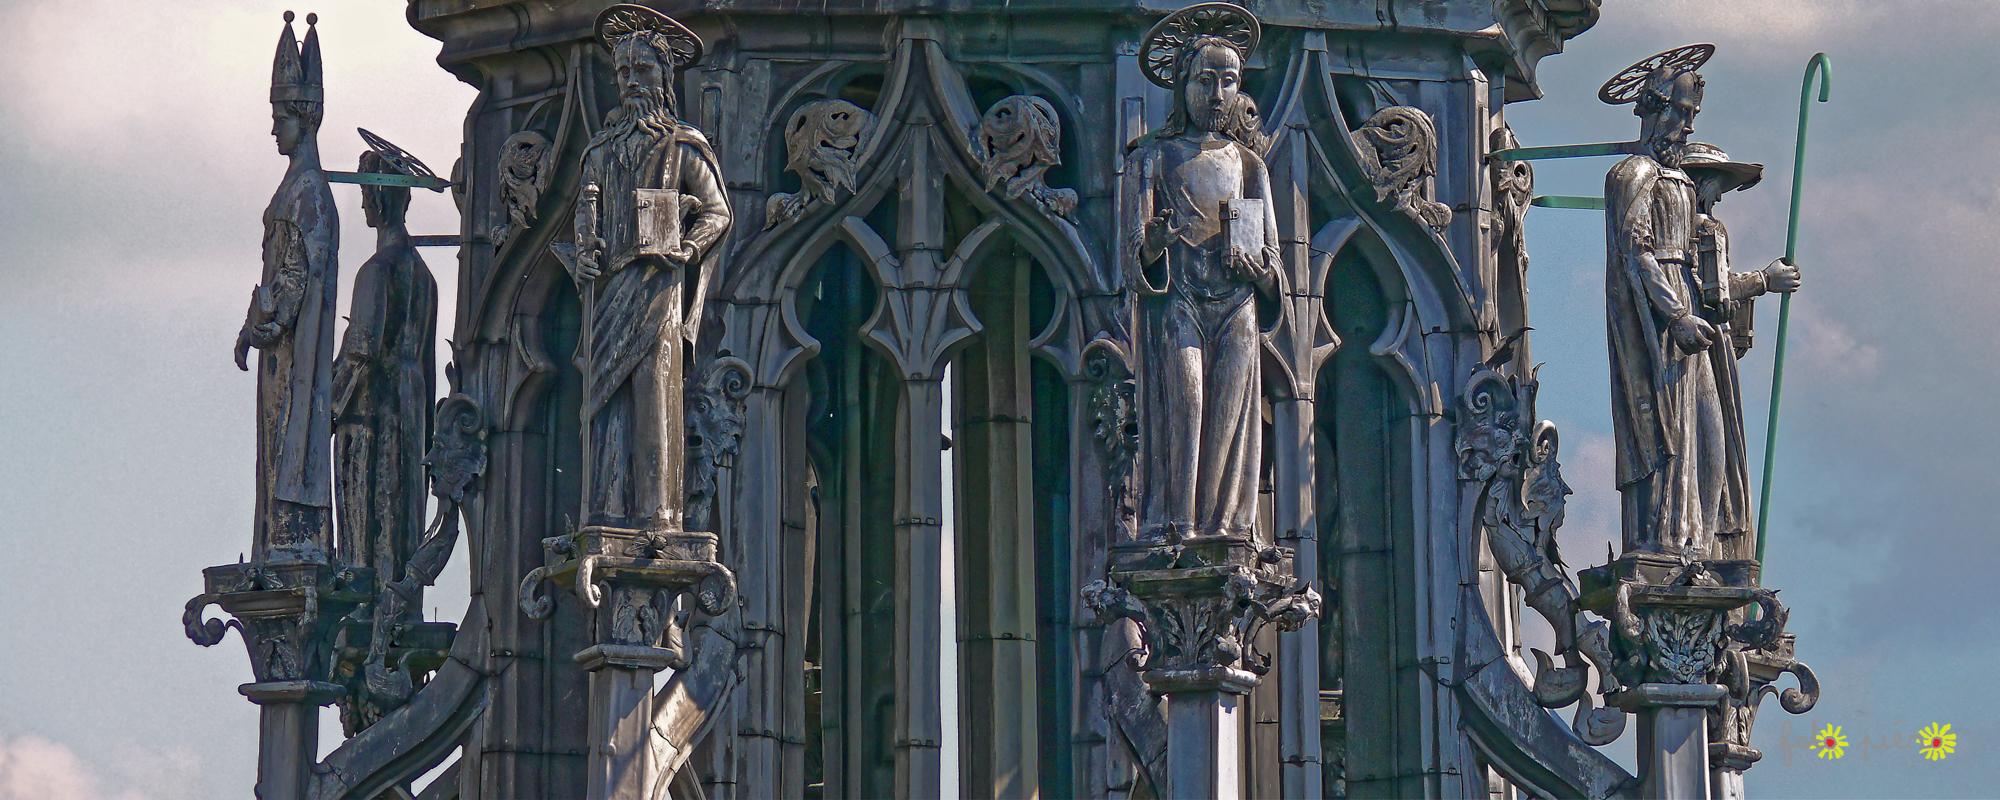 Détail de la flèche de la cathédrale d'Amiens, 2009.